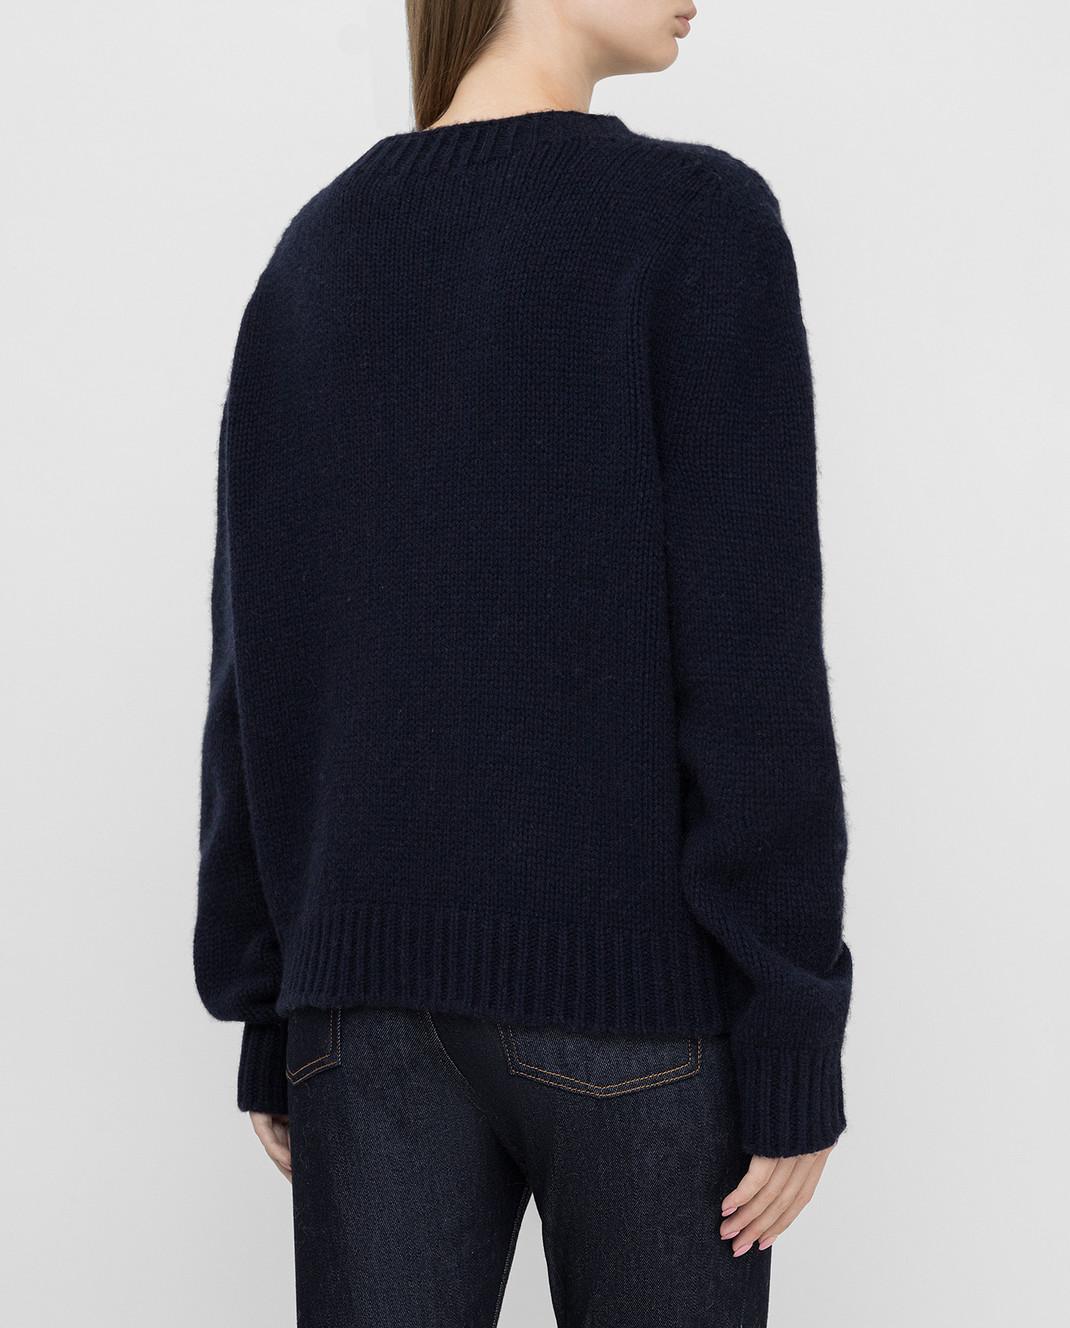 Lanvin Темно-синий свитер из кашемира изображение 4